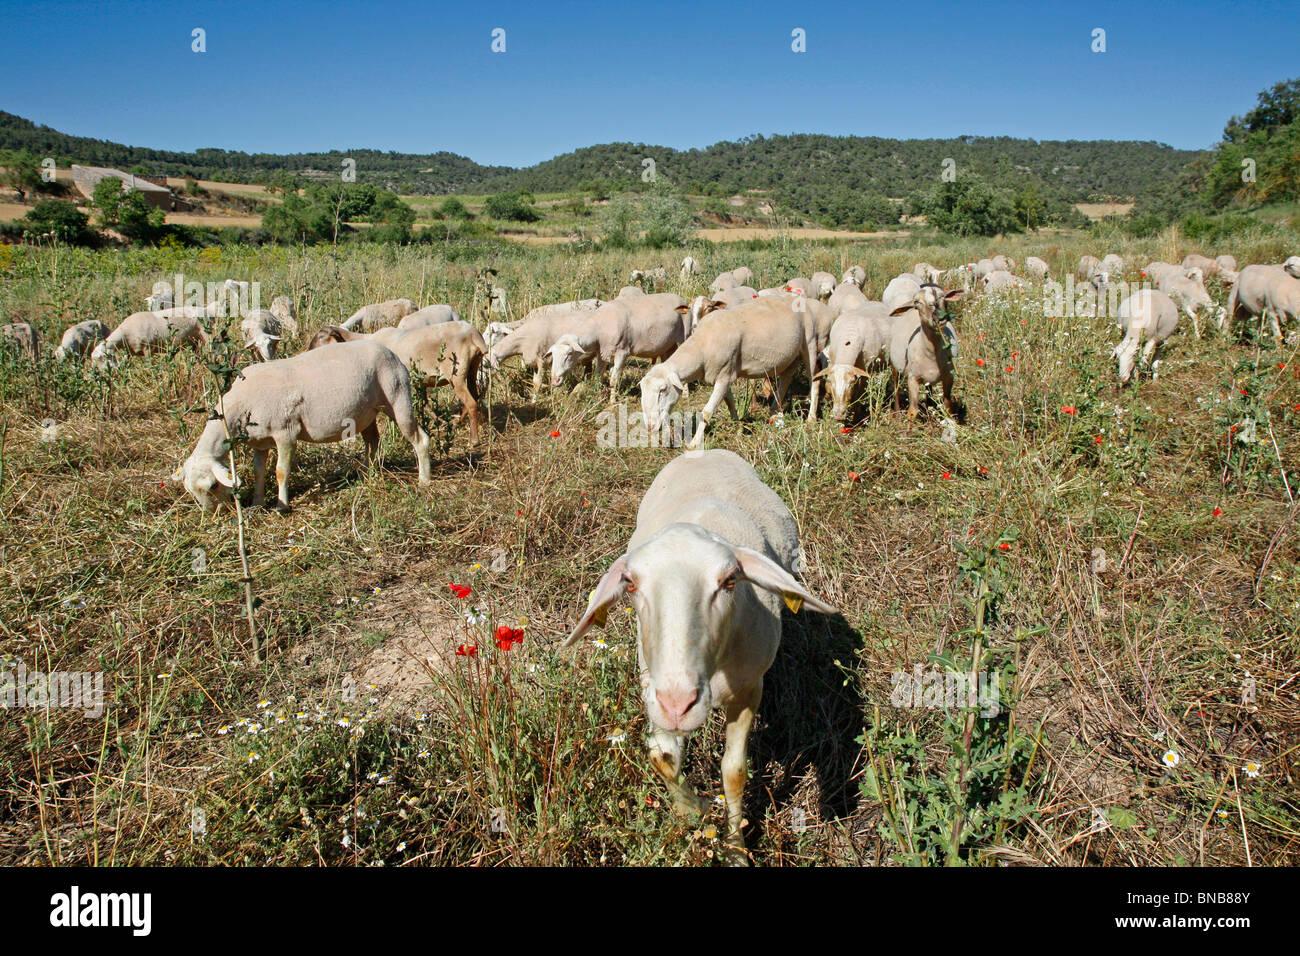 Les moutons L'Espluga Calba (Lleida). La Catalogne. L'Espagne. Photo Stock